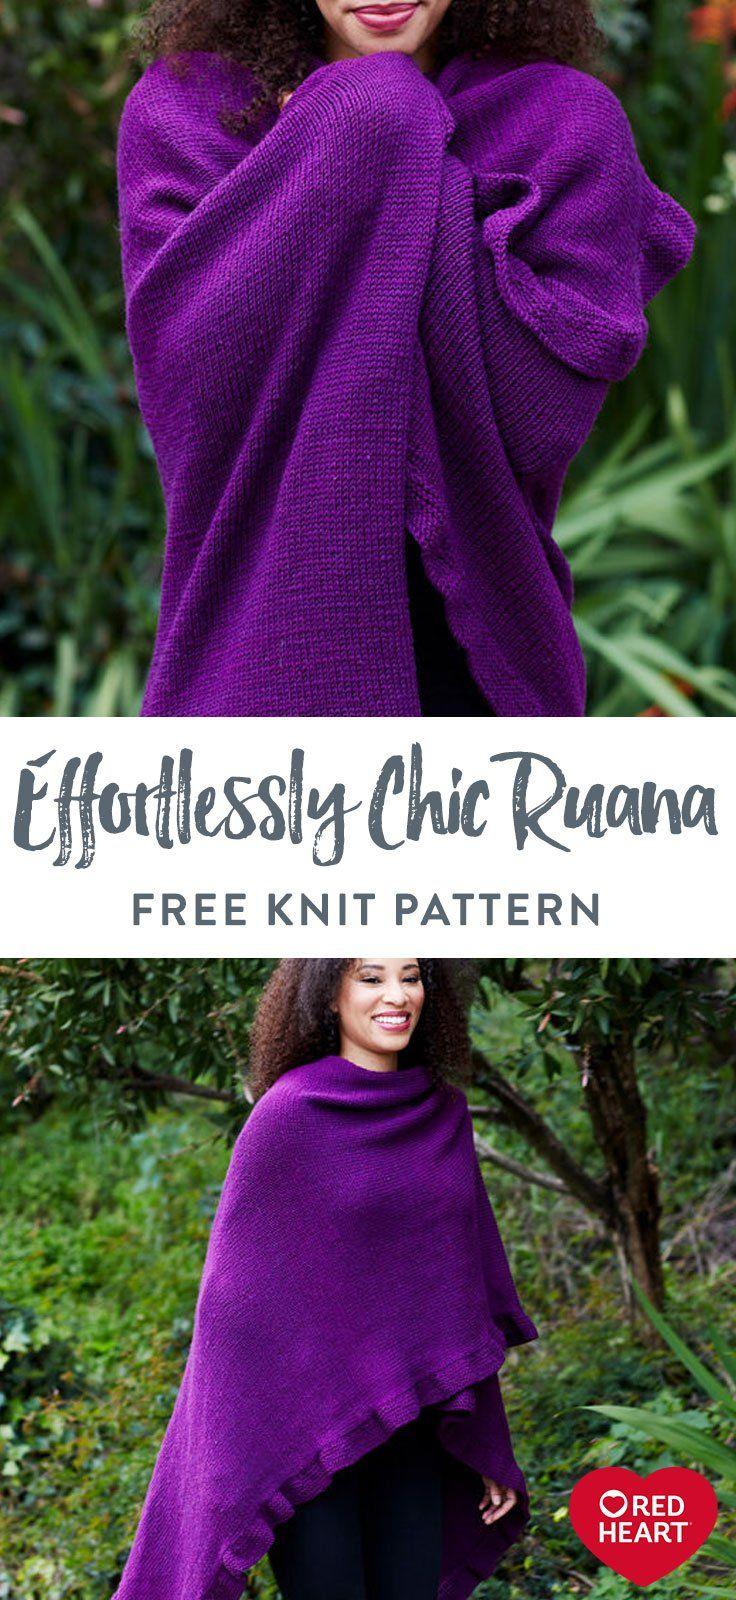 Effortlessly Chic Ruana free knit pattern in Red Heart ...